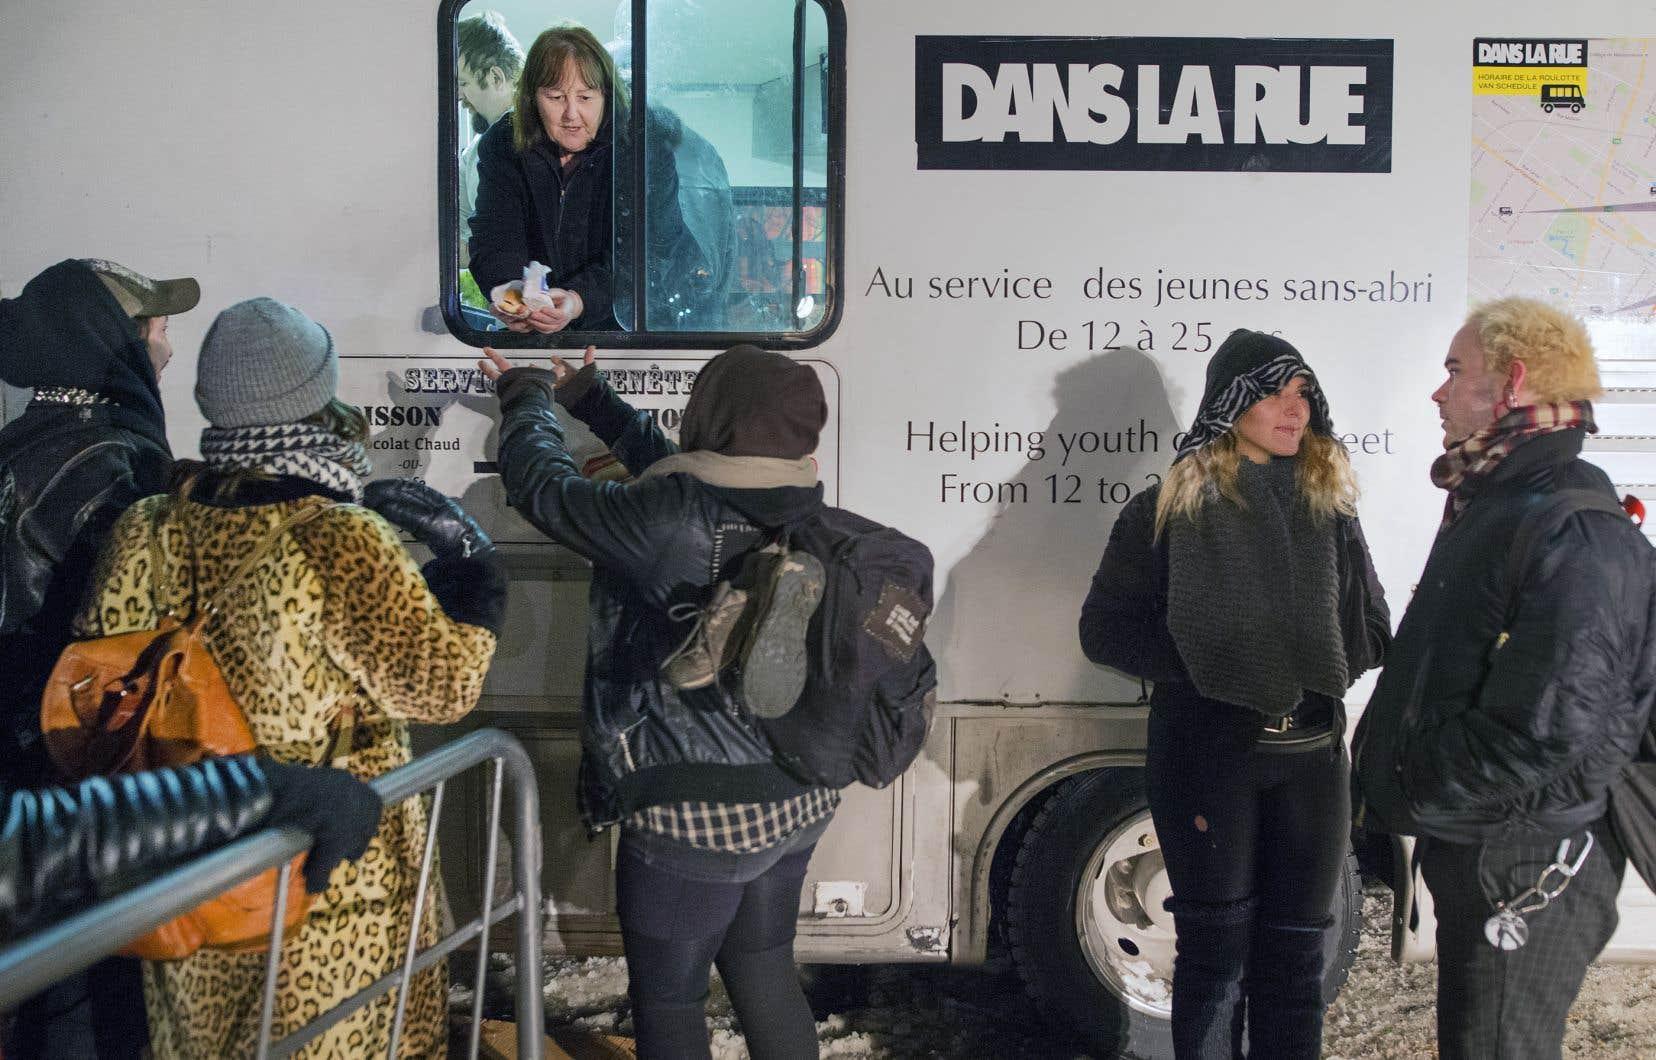 La roulotte de l'organisme «Dans la rue» était sur place pour offrir hot-dogs et boissons chaudes.